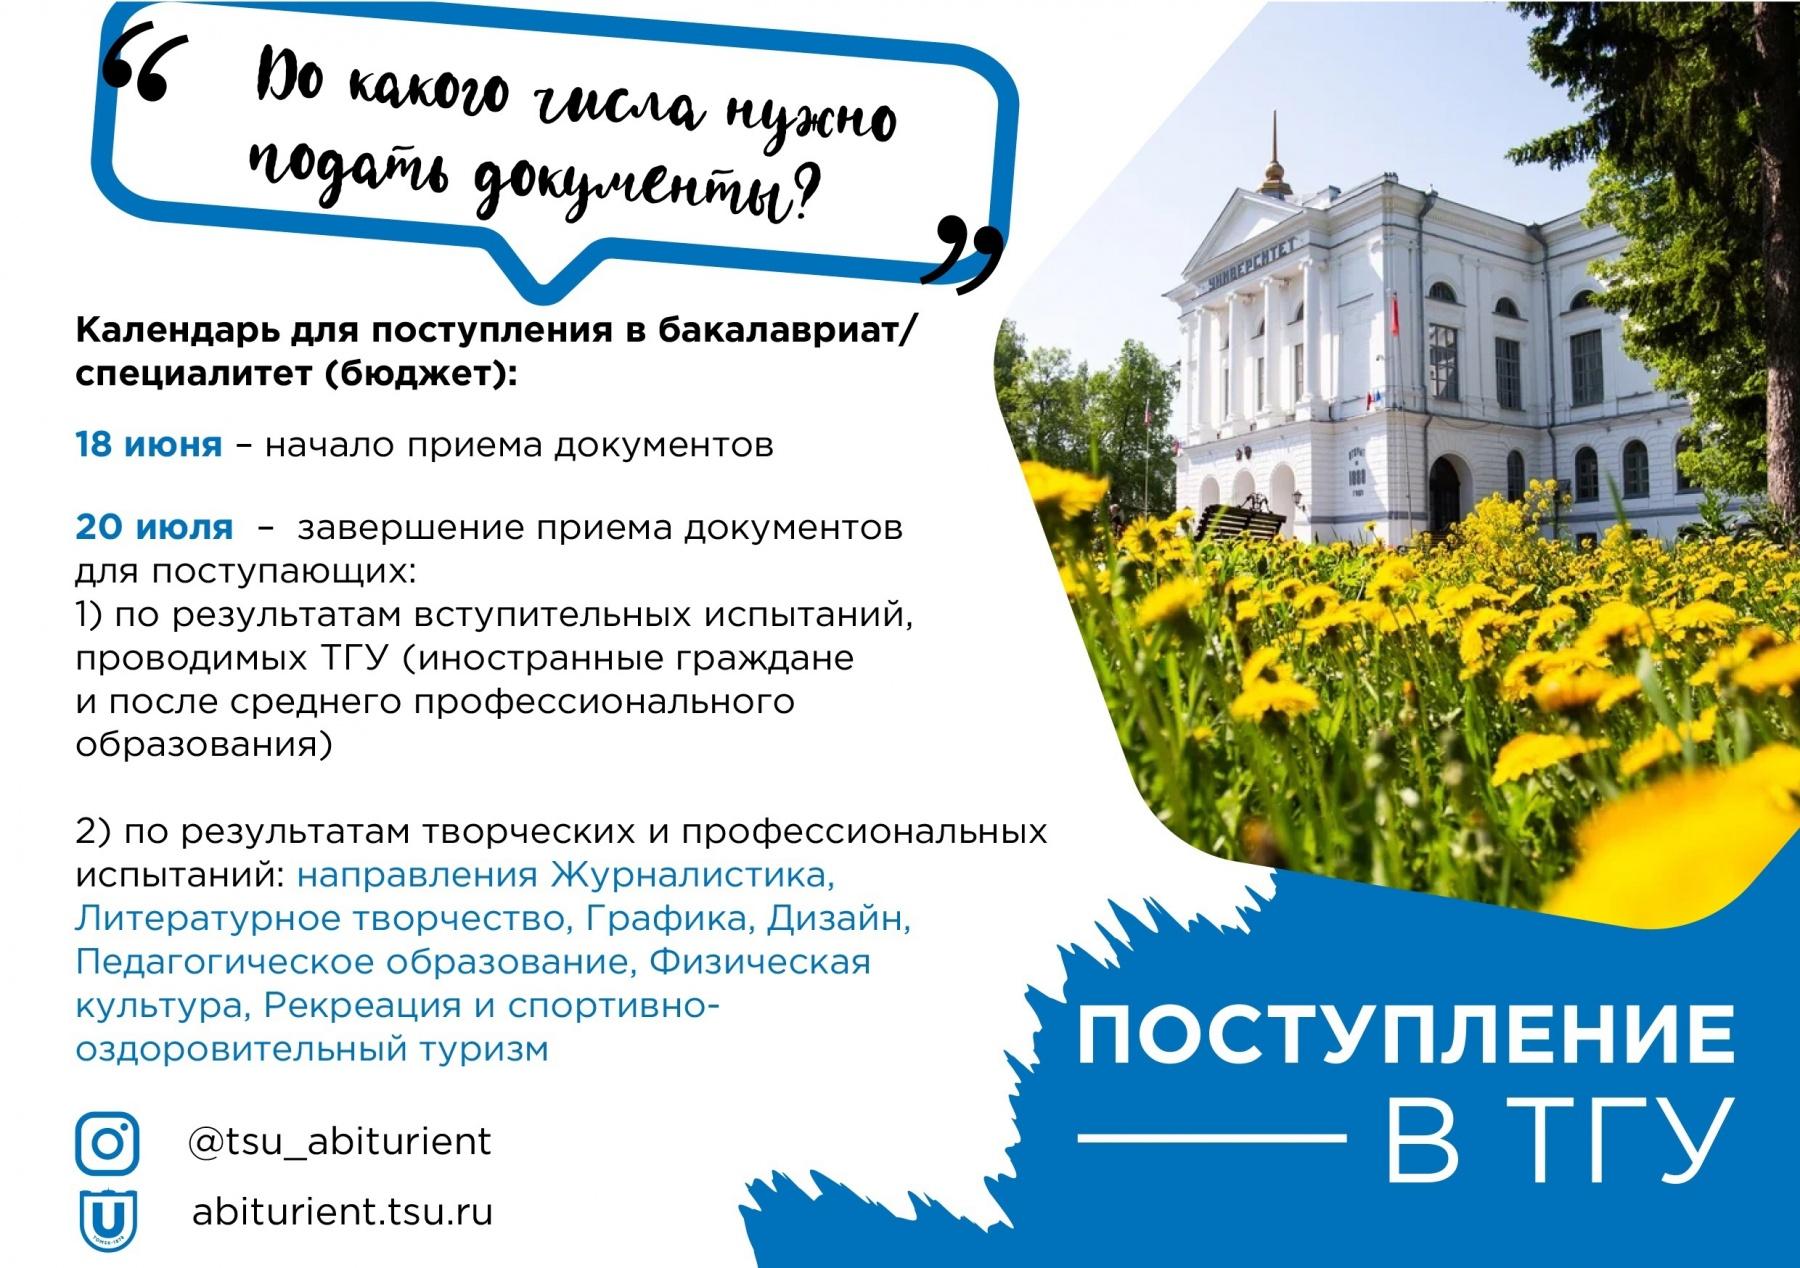 托木斯克国立大学2021年录取工作已经于6月18日展开!希望报名的同学请尽快报名!插图-小狮座俄罗斯留学